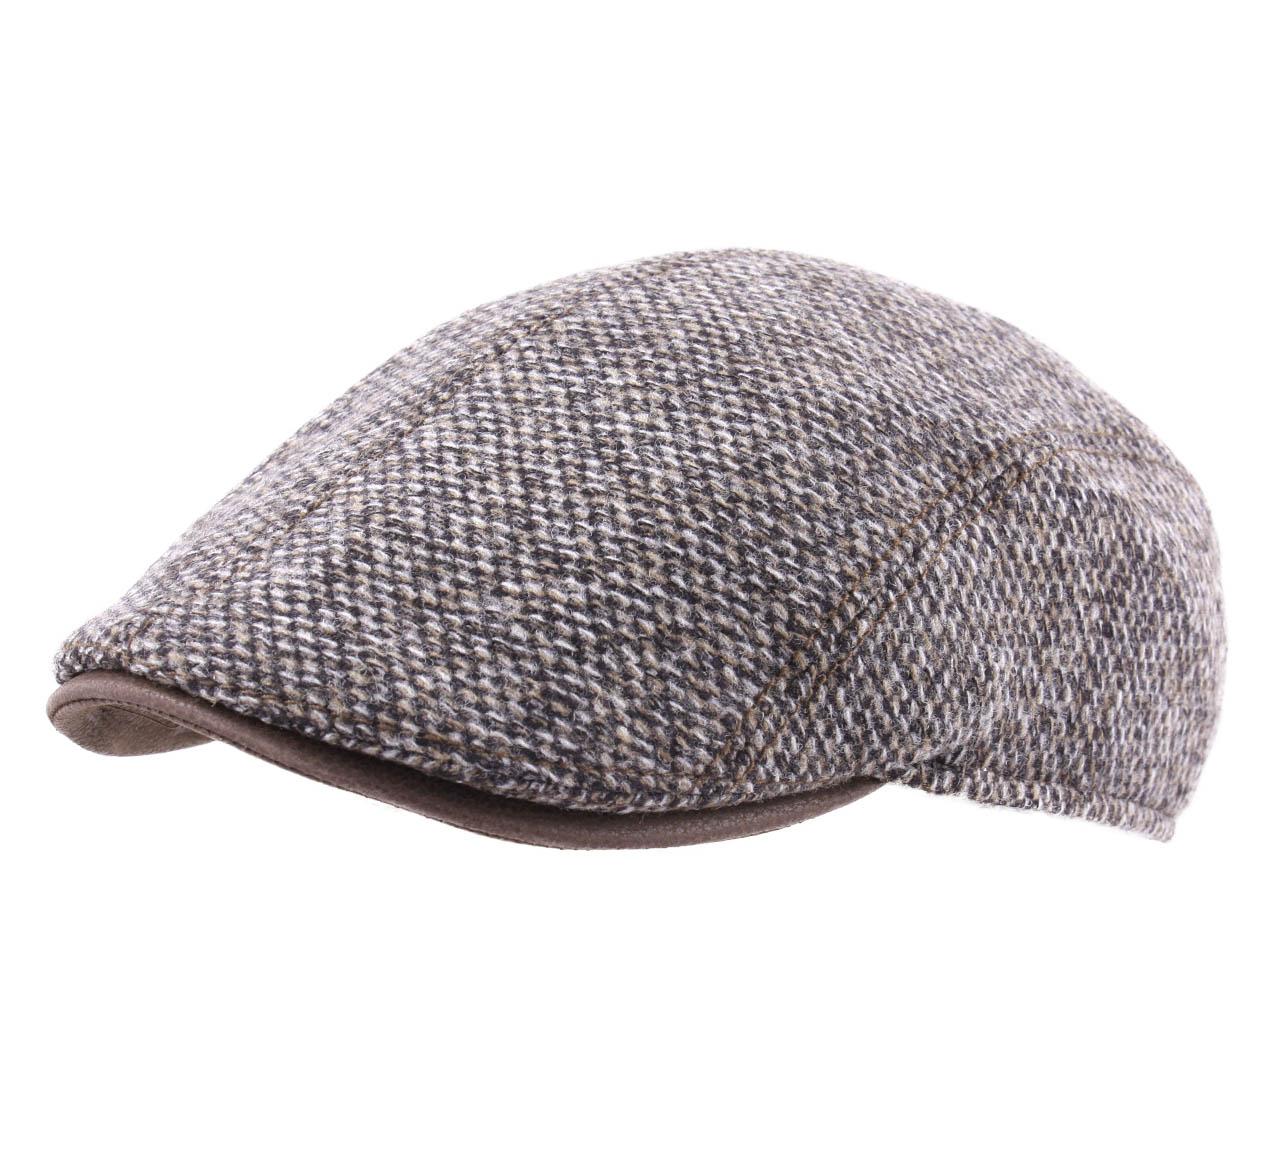 Casquette : quels sont les facteurs qui vous aident à choisir votre casquette ?